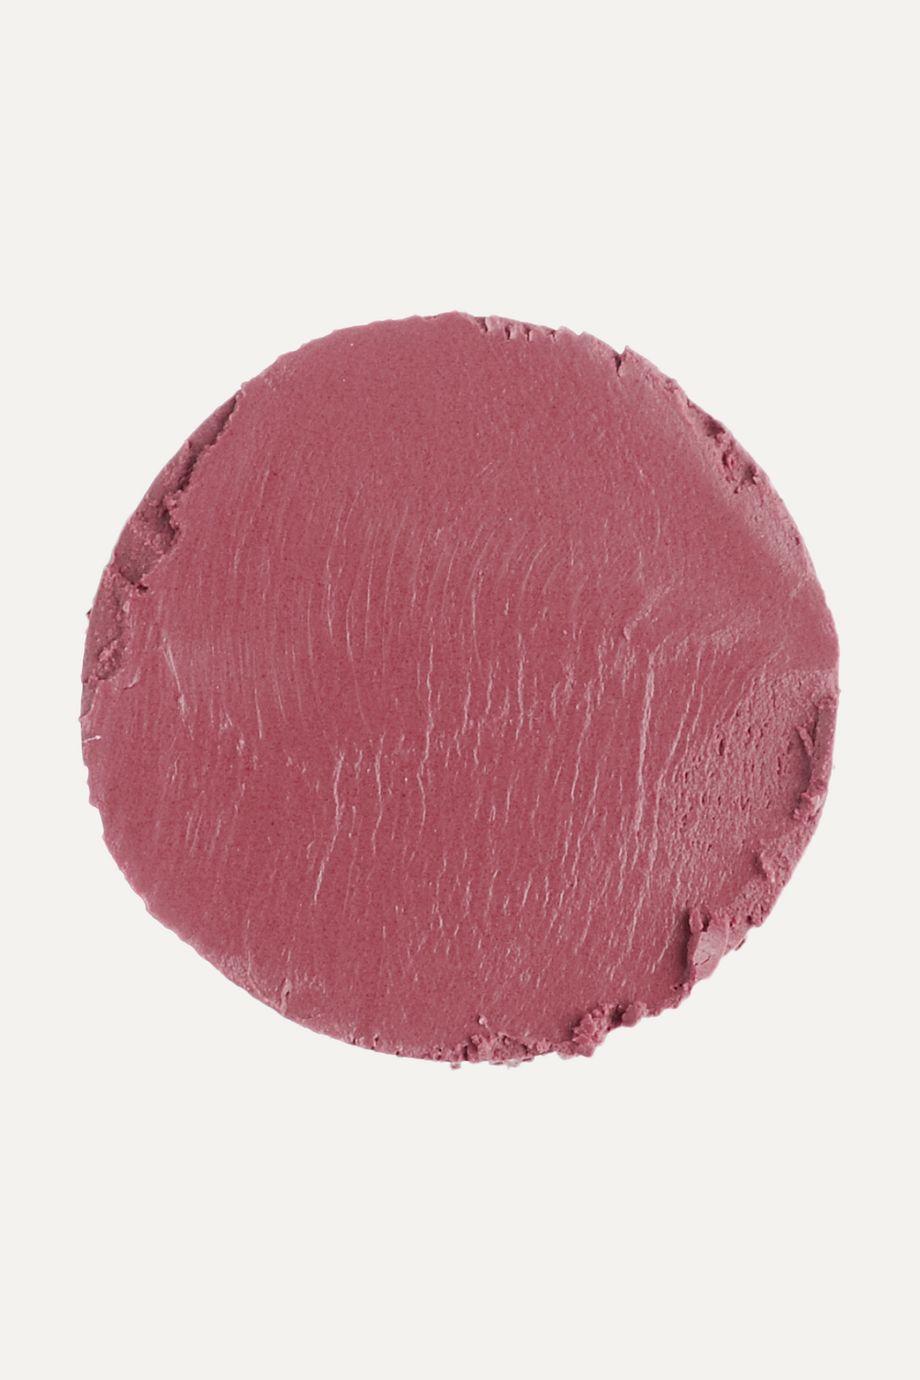 Kevyn Aucoin The Matte Lip Color - Invincible